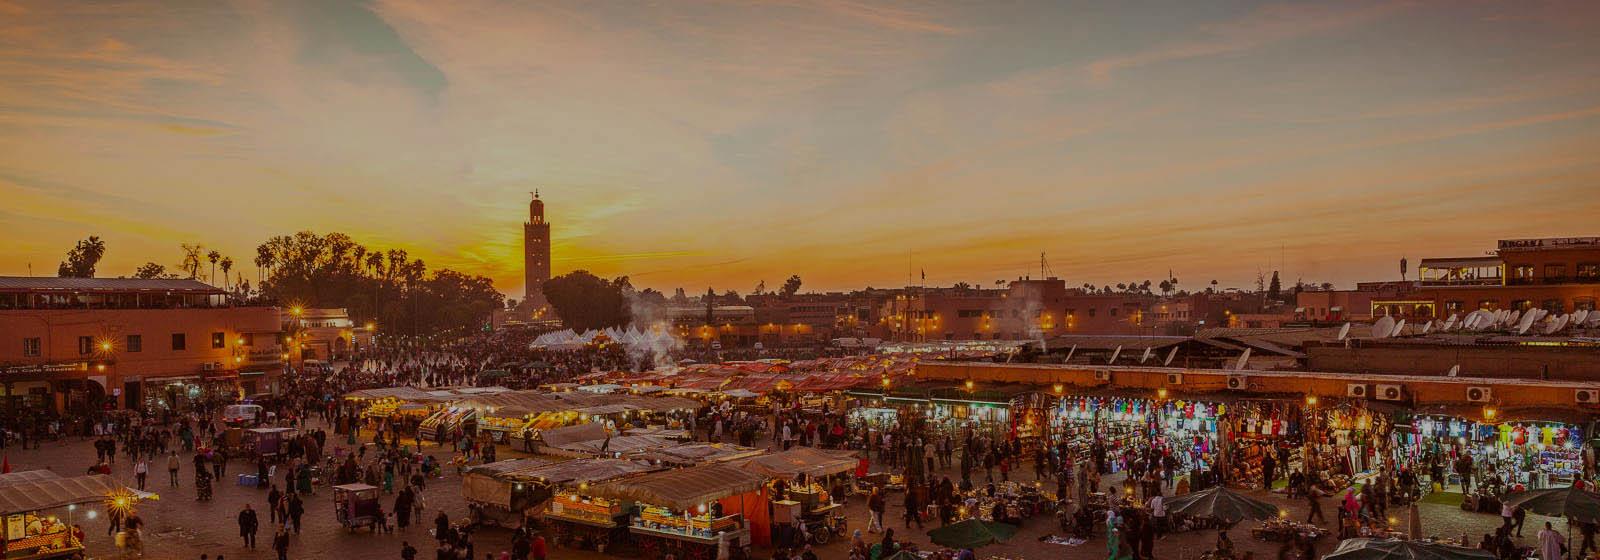 摩洛哥风情游2018年下半年开团信息